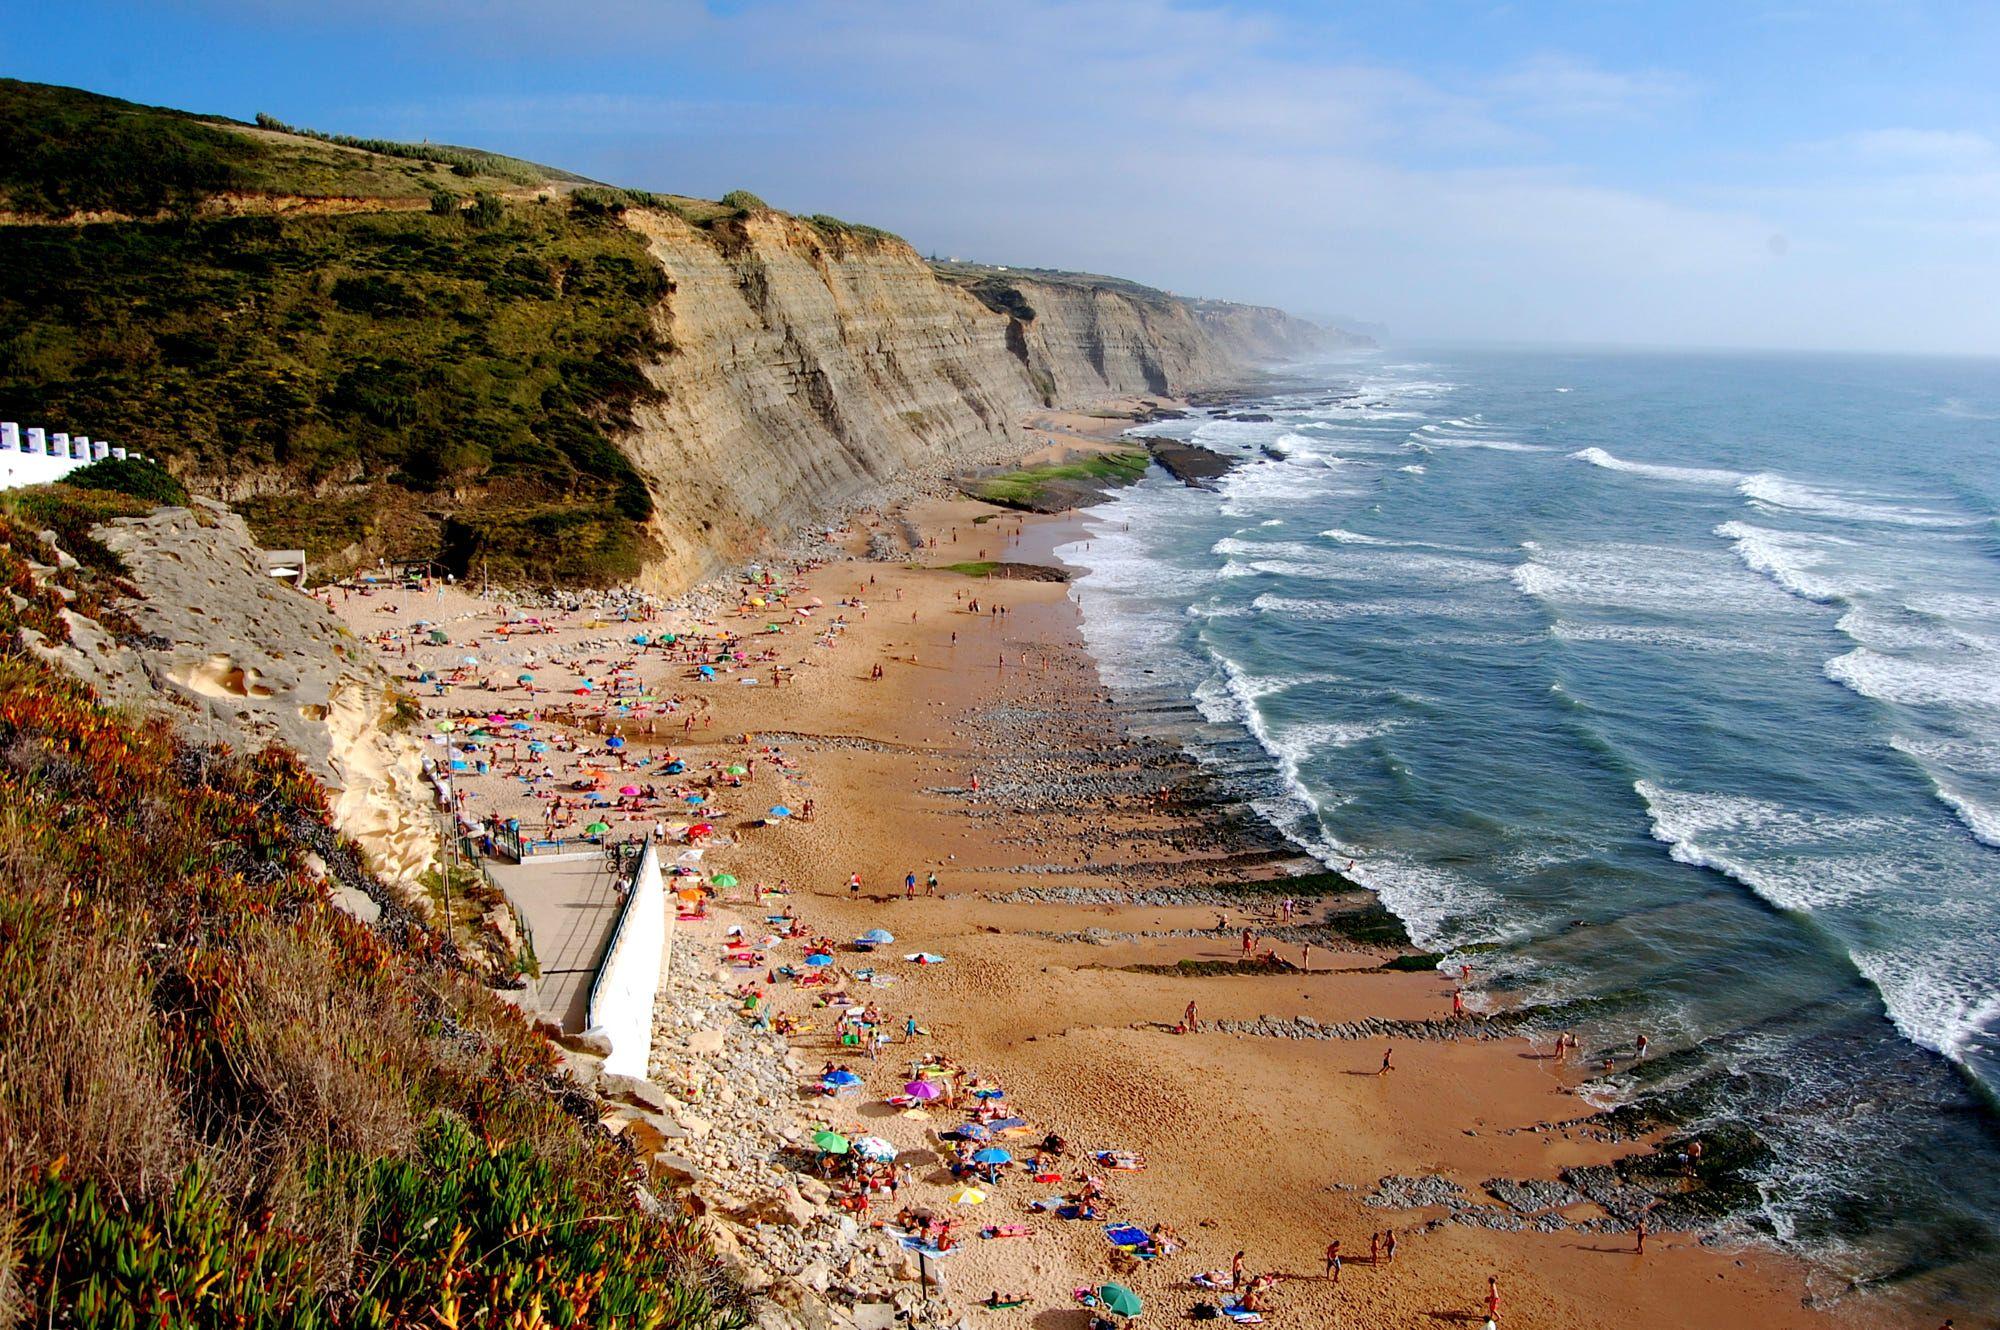 Magoito praia do concelho de Sintra.